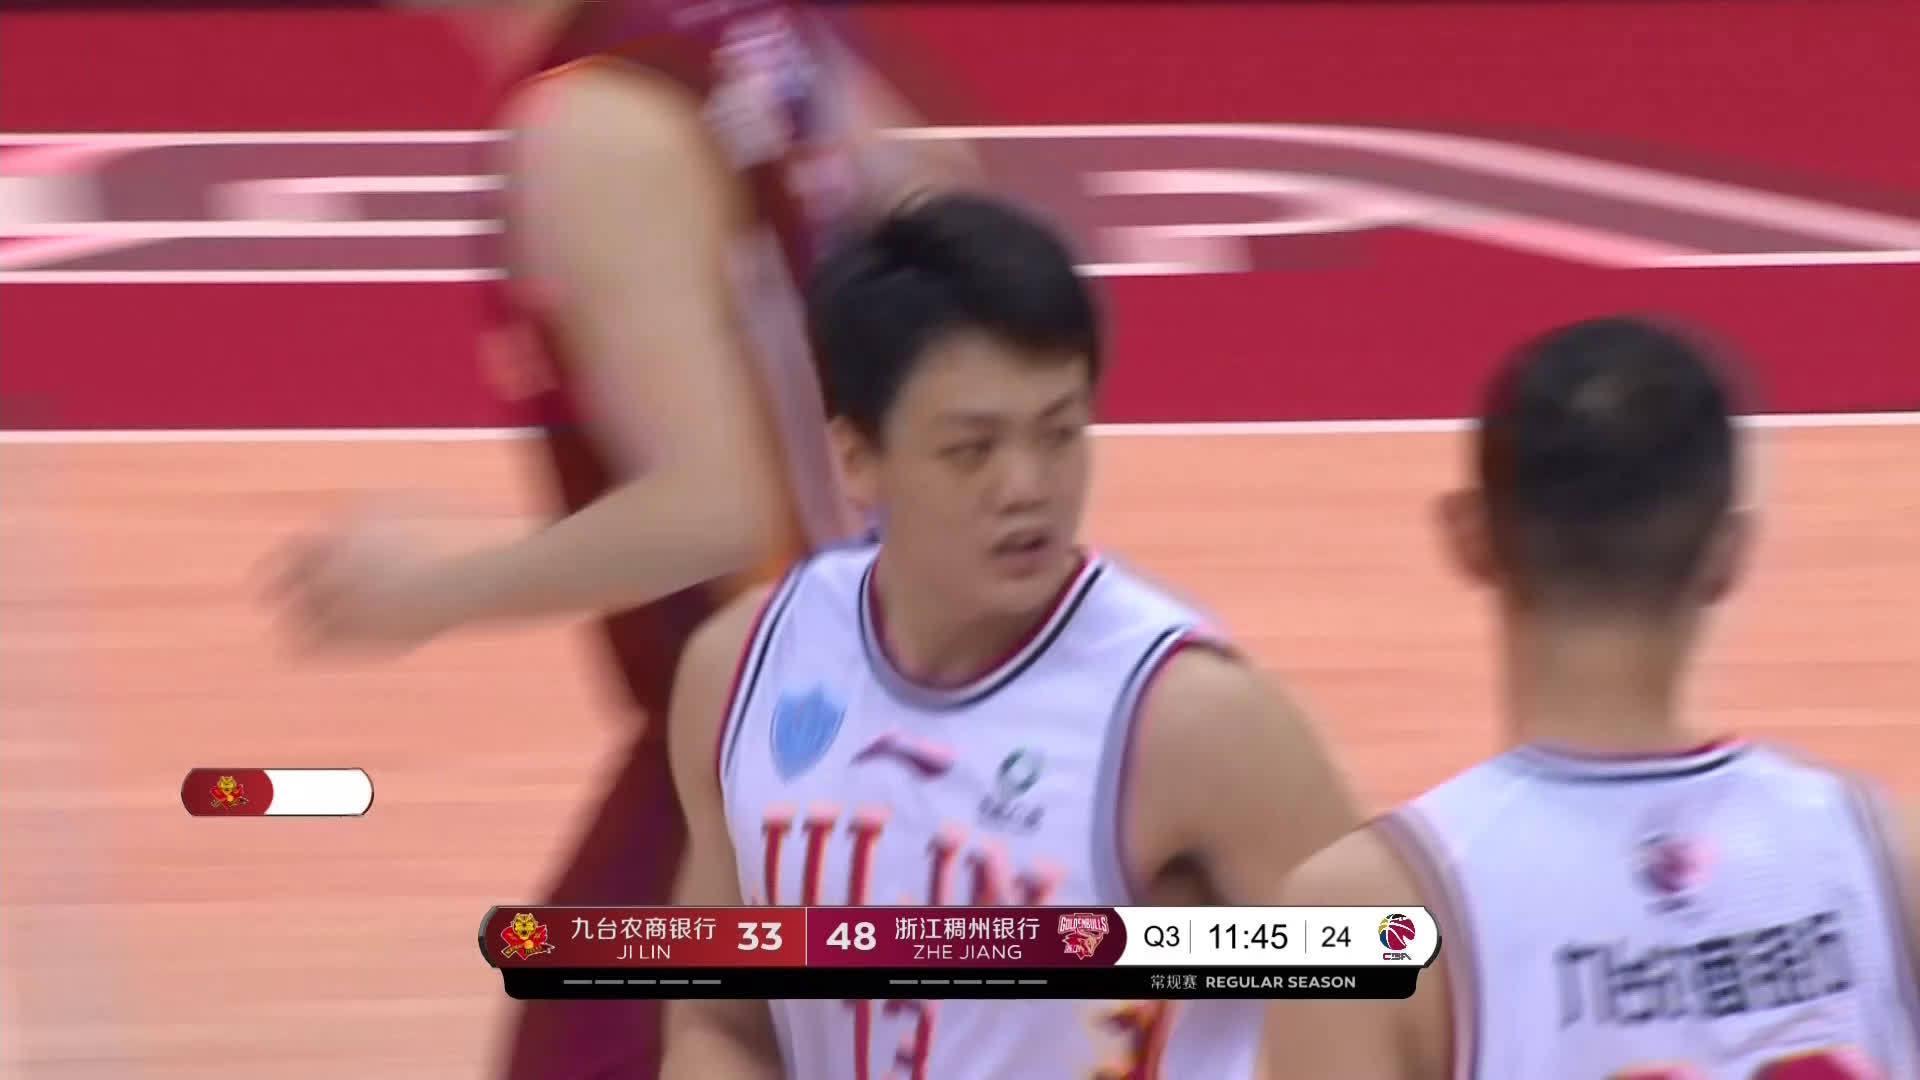 脚步灵活!@吉林东北虎男篮 球员@JYx_姜宇星Aimy 转身强起……